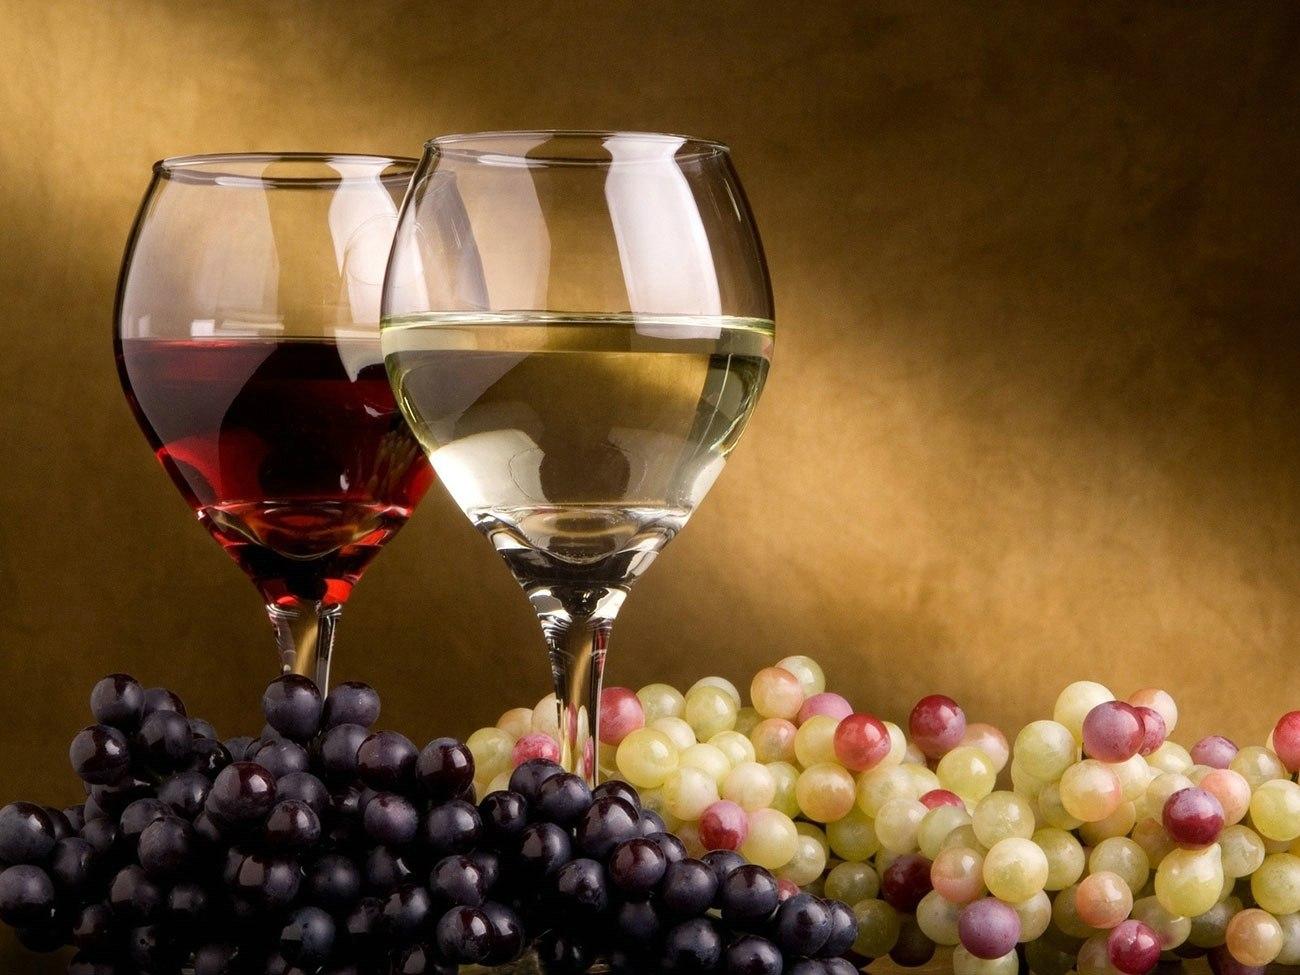 как серое тунисское вино фото начал ещё юности